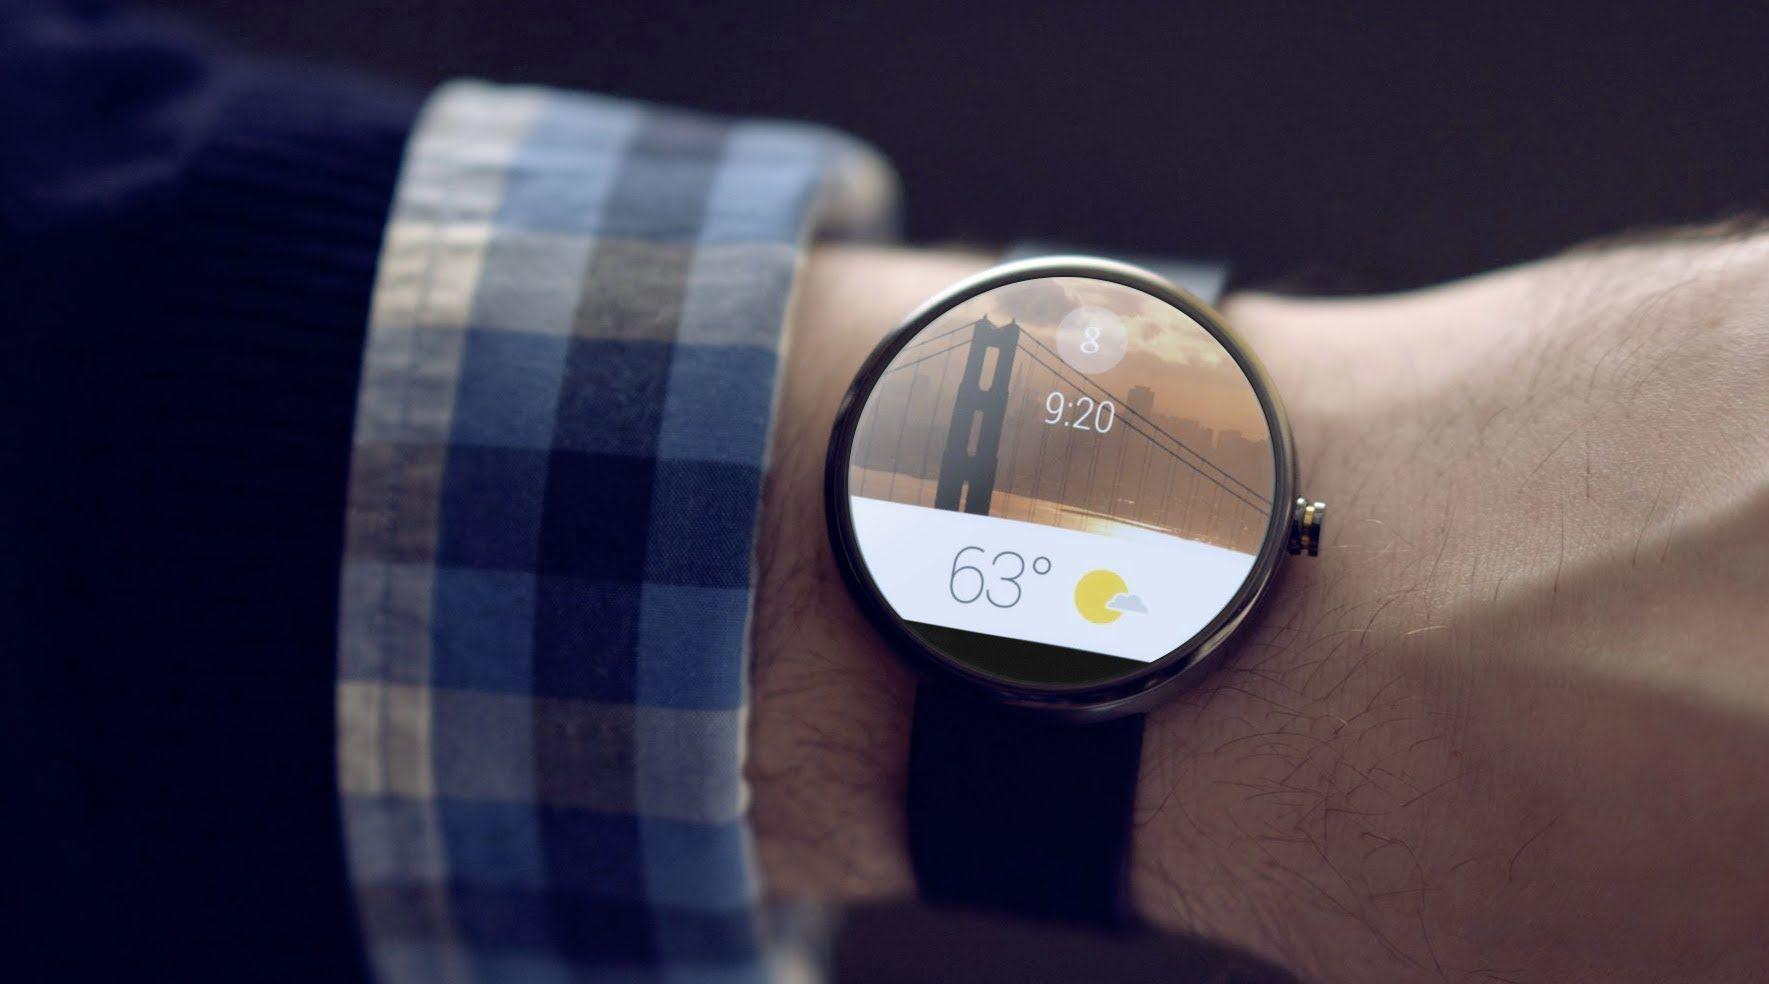 Diversi smartwatch riceveranno l'aggiornamento ad Android Wear 2.0 : scopriamo tutti i dettagli del nuovo sistema operativo mobile realizzato da Google